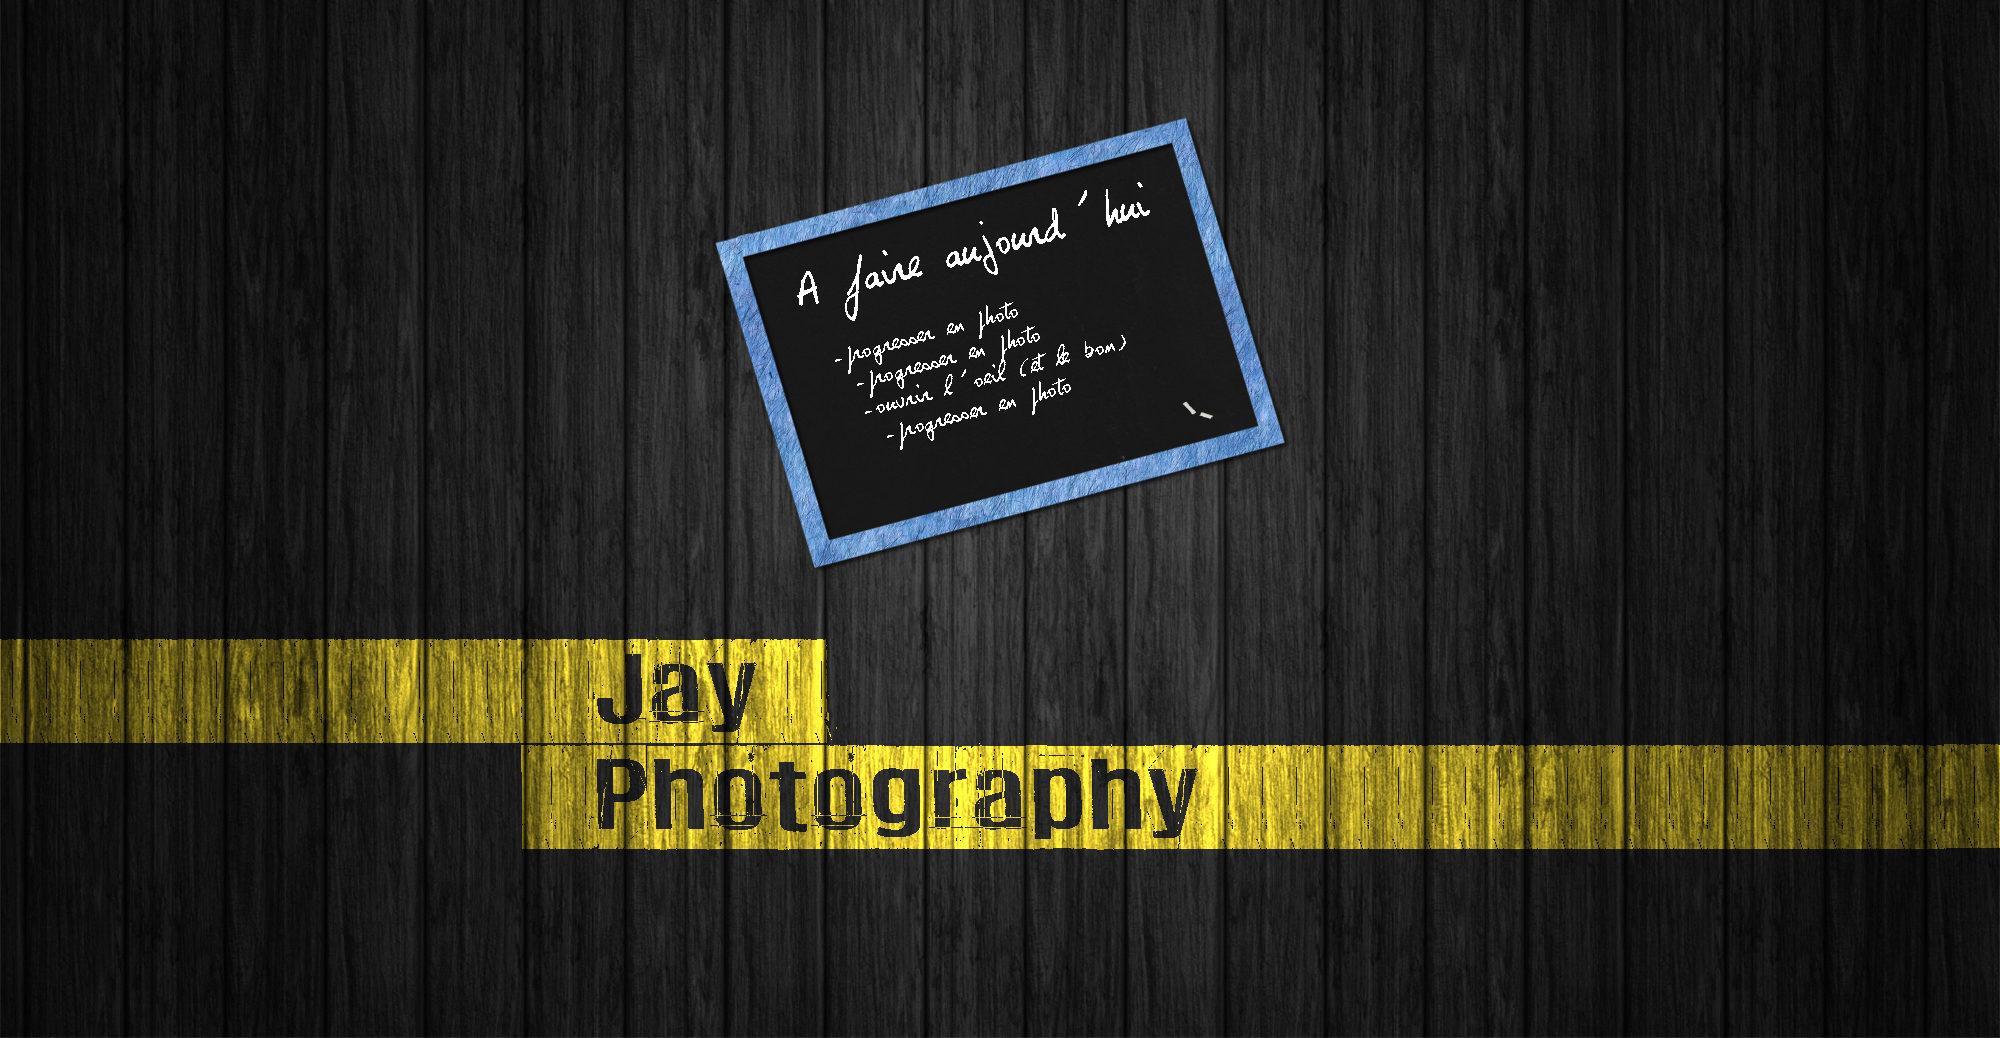 jay photography